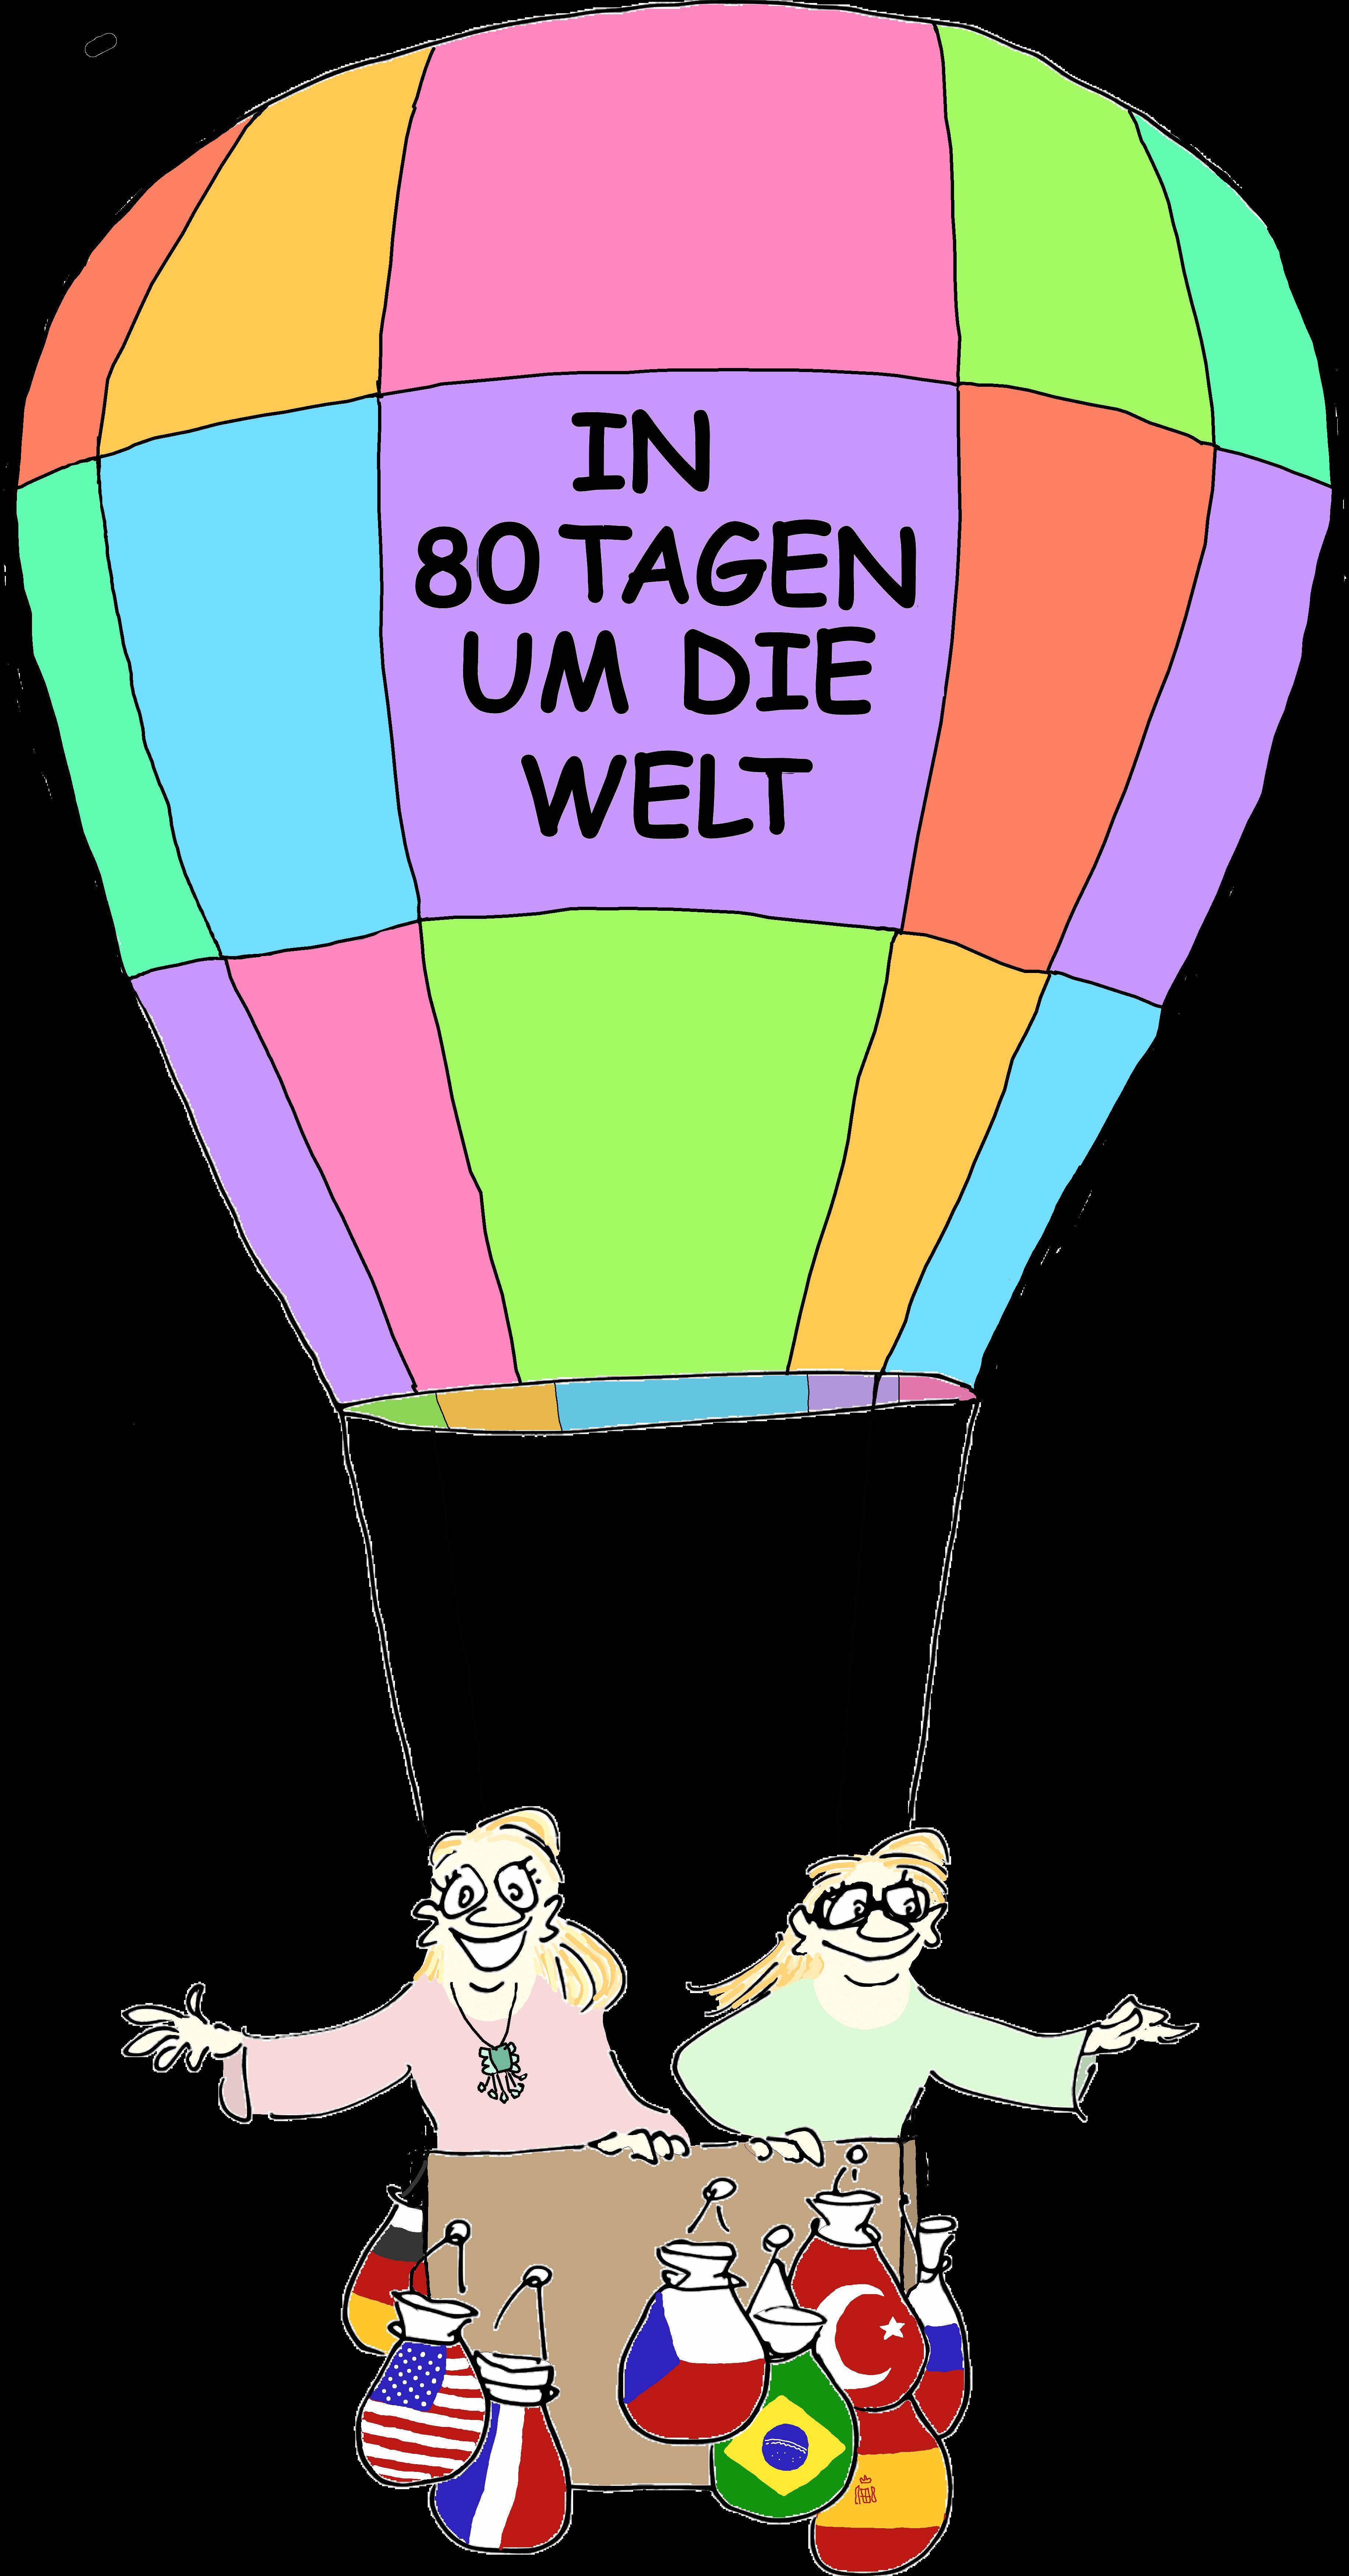 In 80 Tagen um die Welt - CL DML Balloon